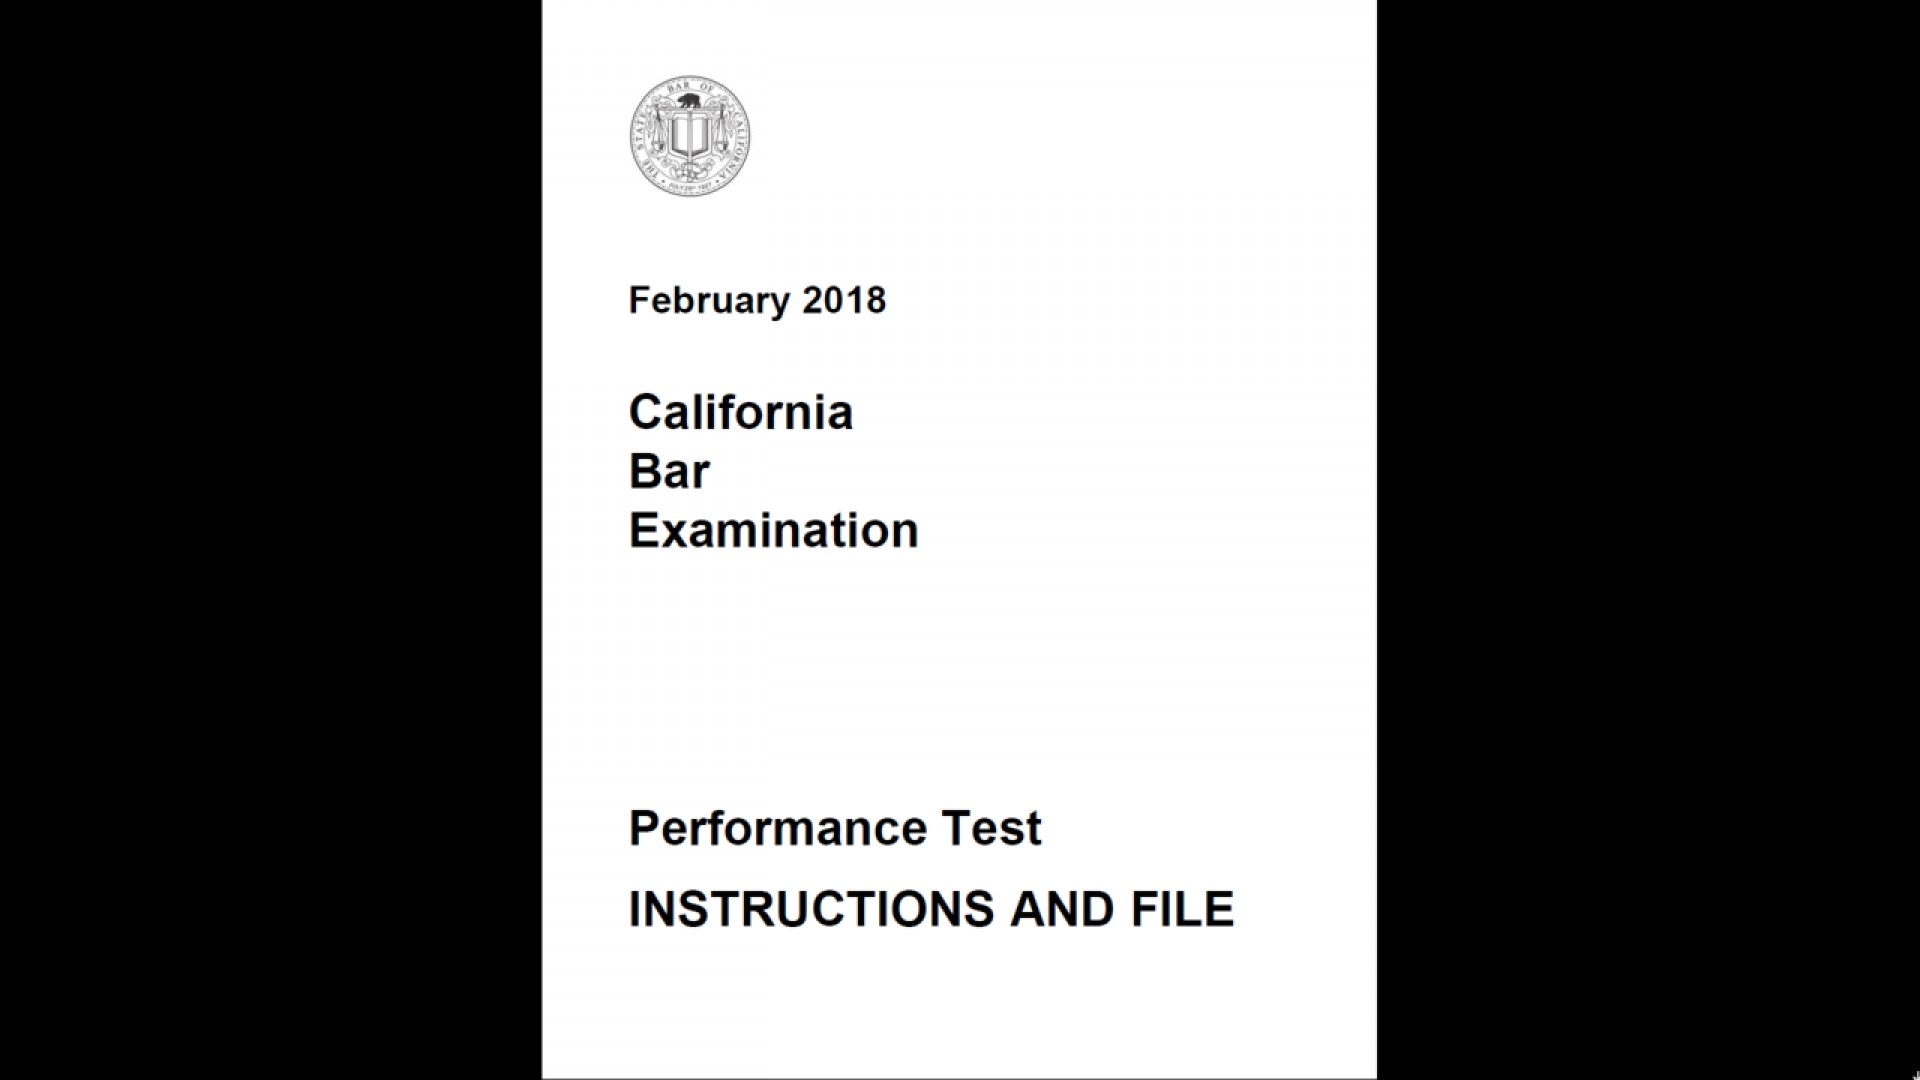 023 Essay Example California Bar Essays Ecnsu9grsogva9z49swz Firstframe Marvelous Exam Graded February 2018 How Are 1920